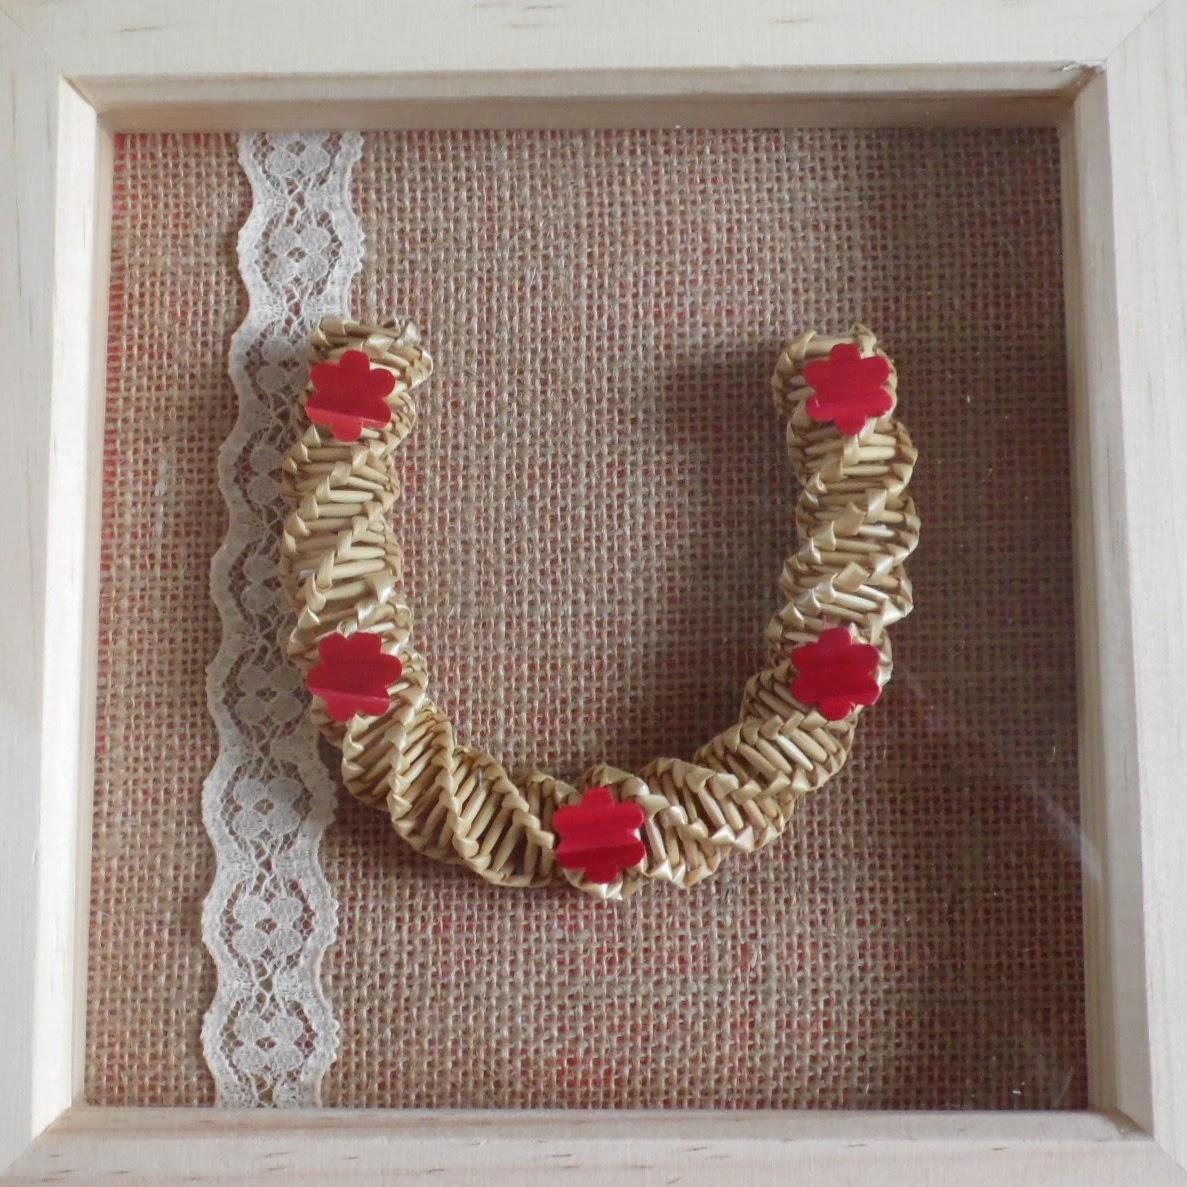 Vintage style framed horseshoe